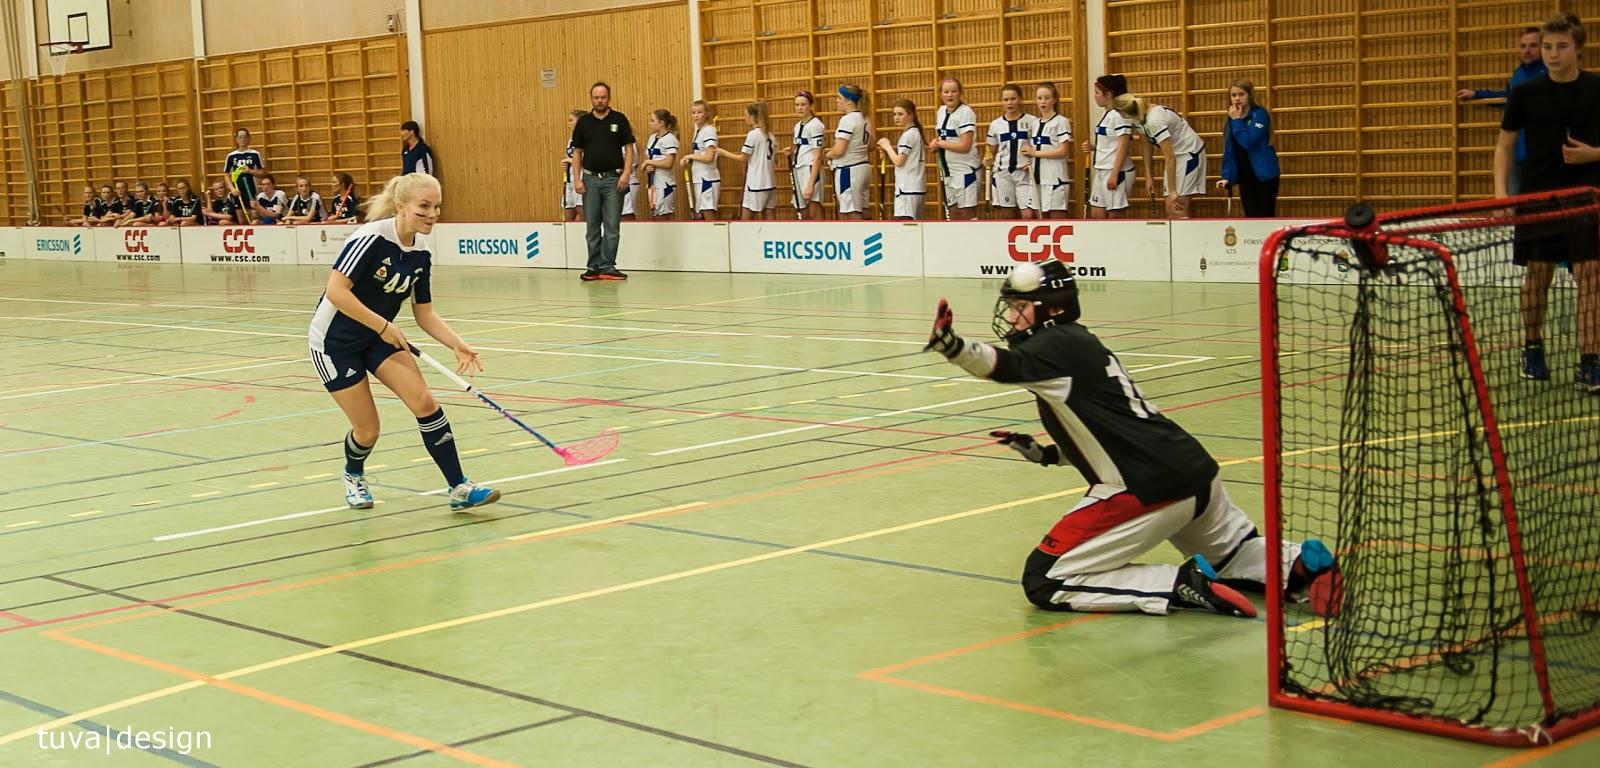 stersund girls Lingam massage sverige escort girls stockholm black military singles dating ystad bra massage göteborg gravid escort hamster porr escort västragötaland.